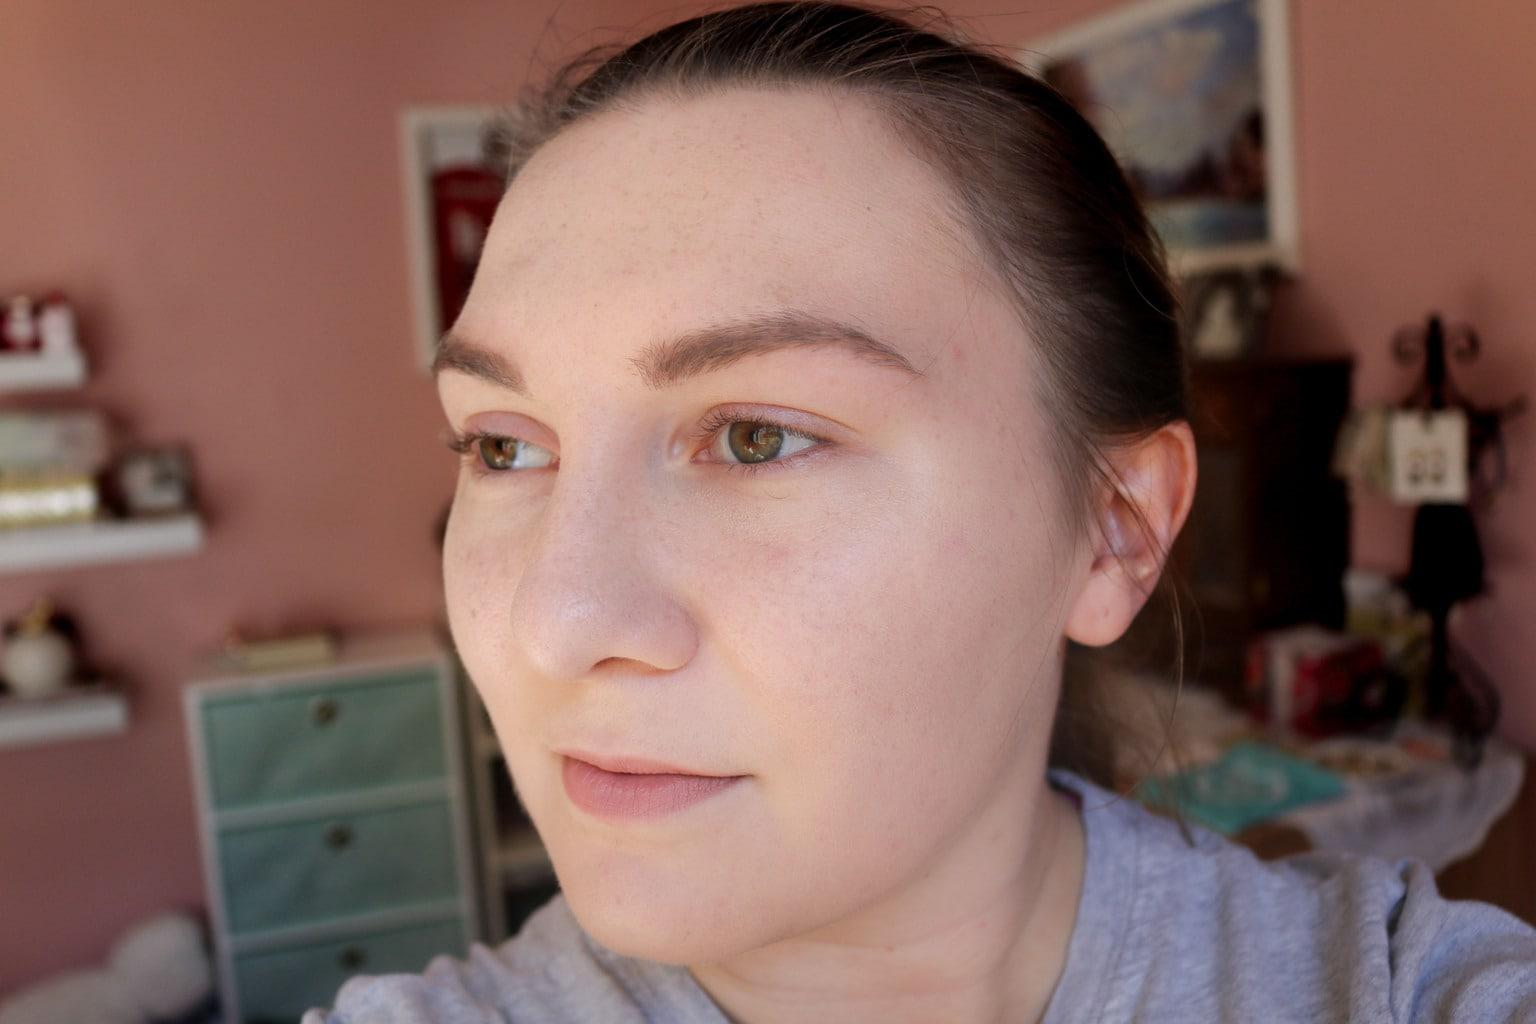 Fenty Beauty Pro Filt R Foundation Review